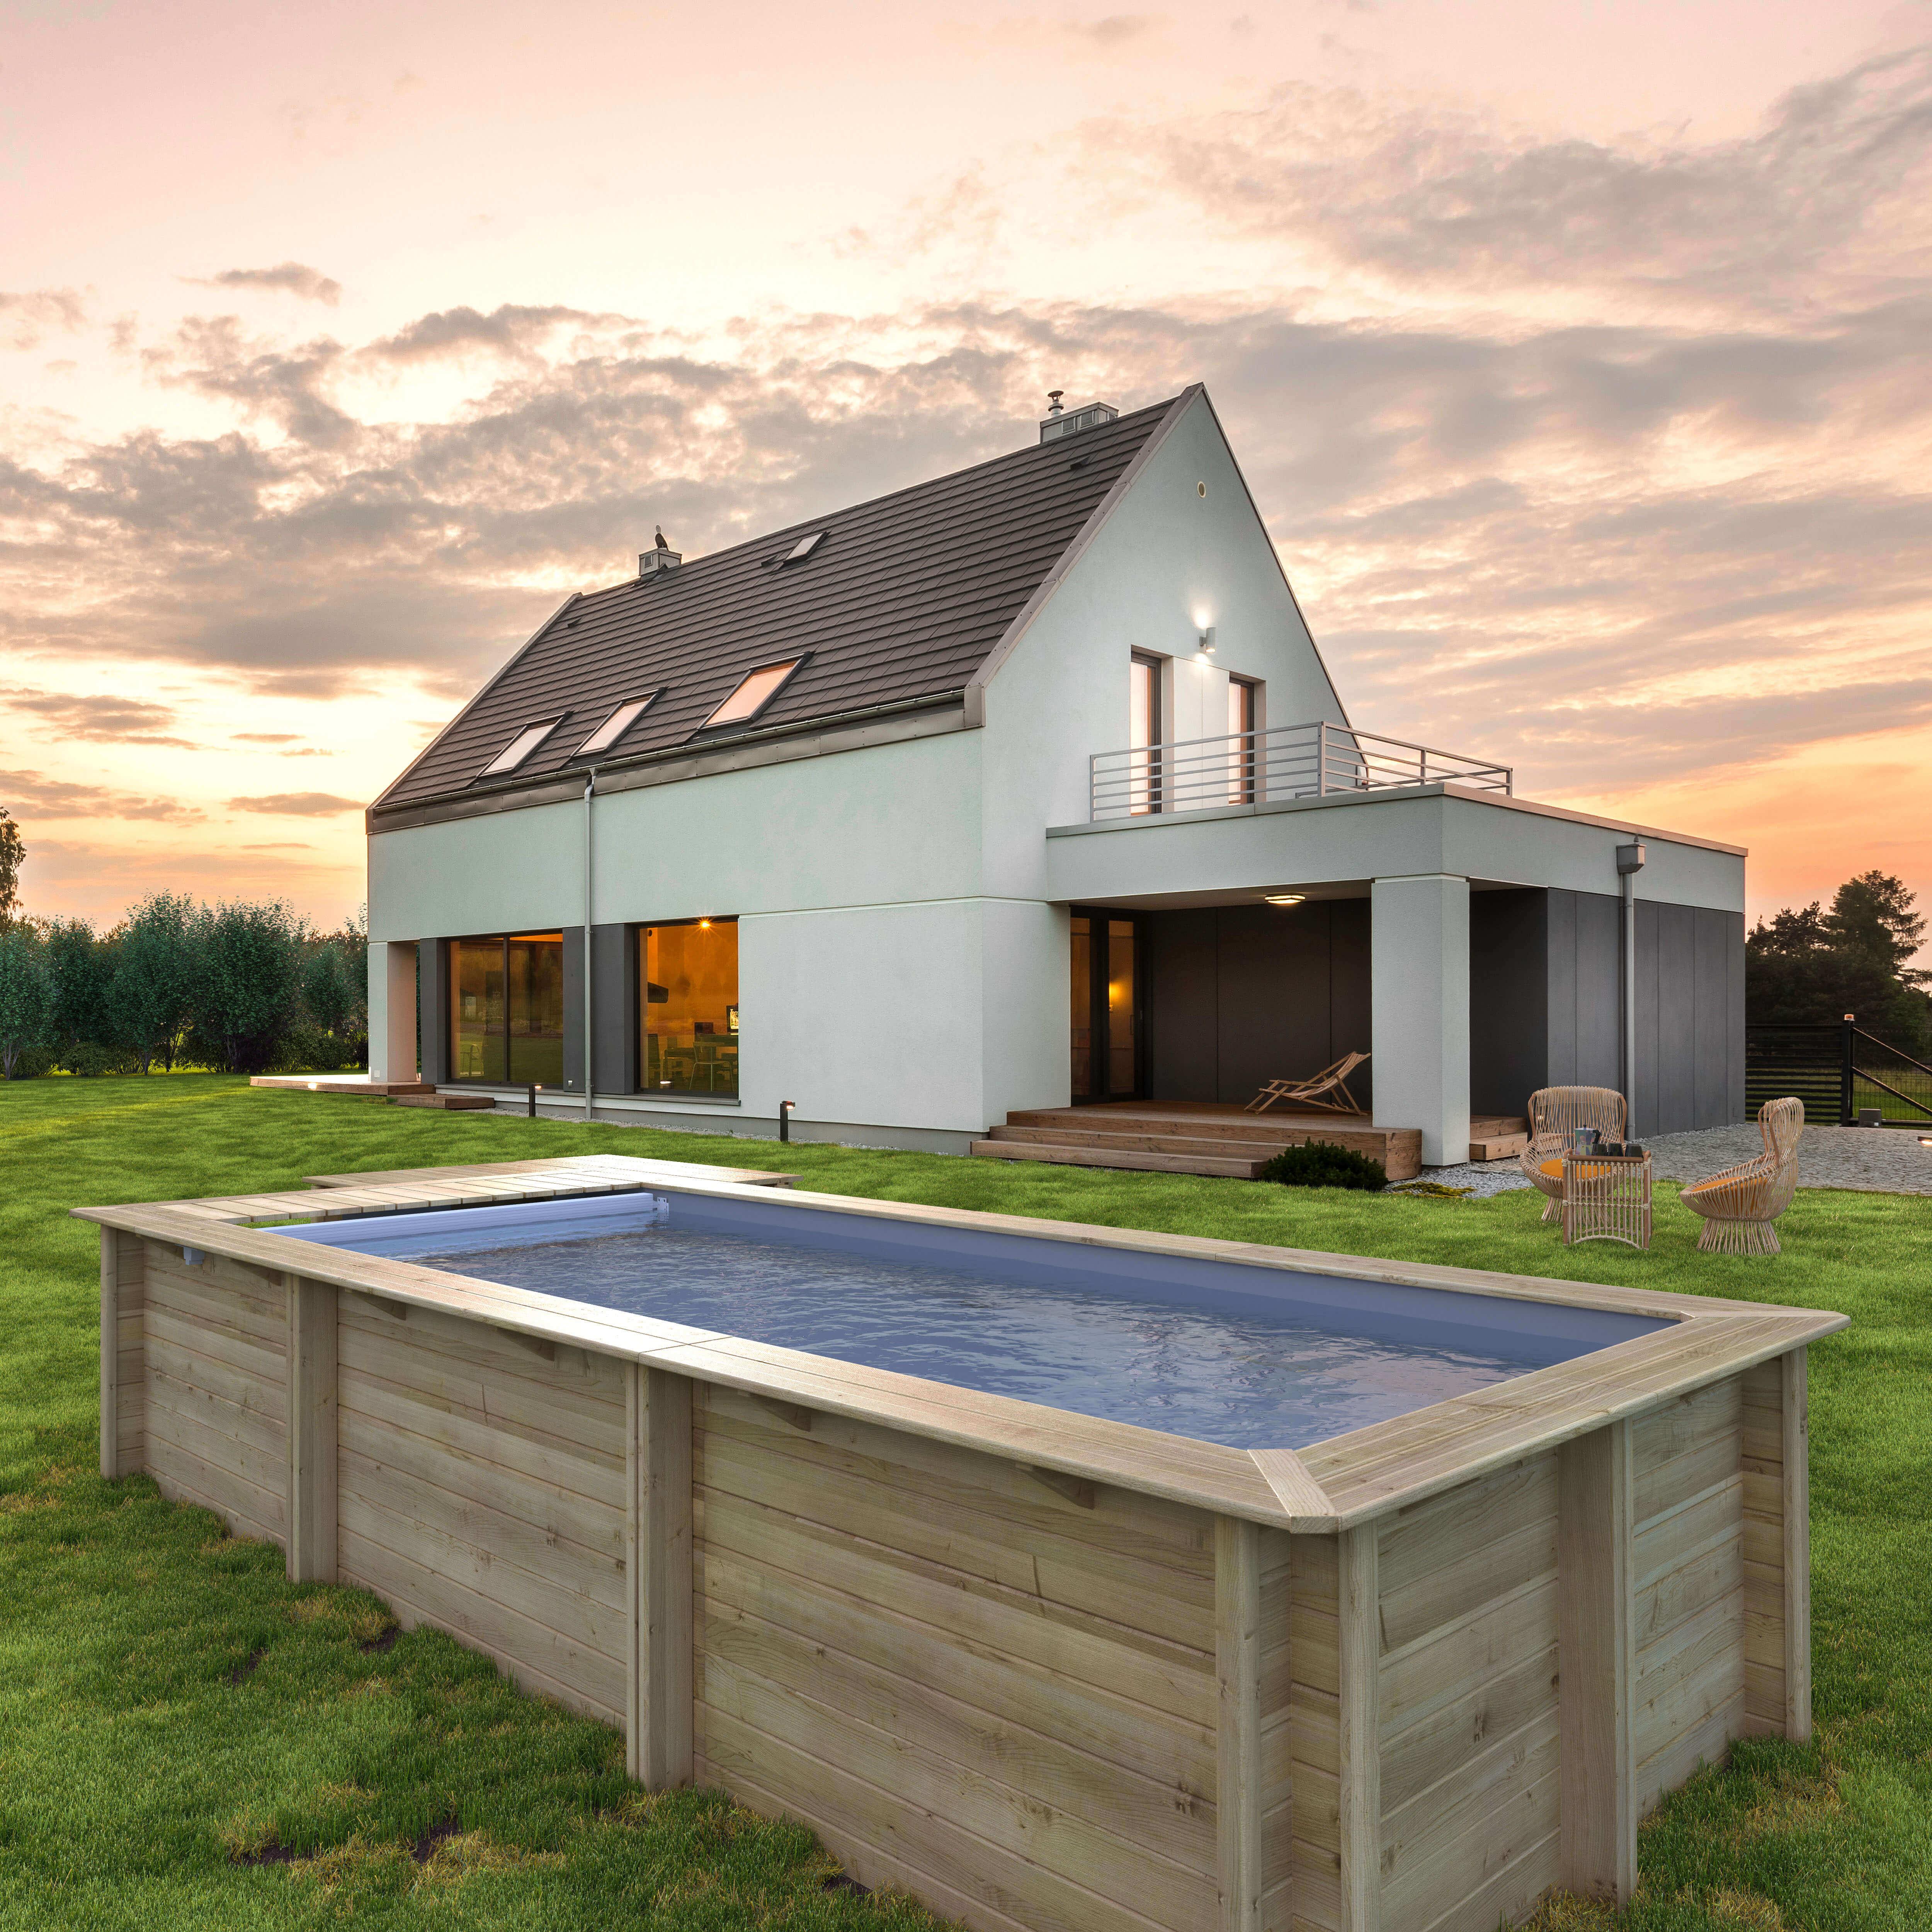 Piscine En Bois Petite Taille piscine bois urbaine 600 x 250 x h 133 - couverture automatique